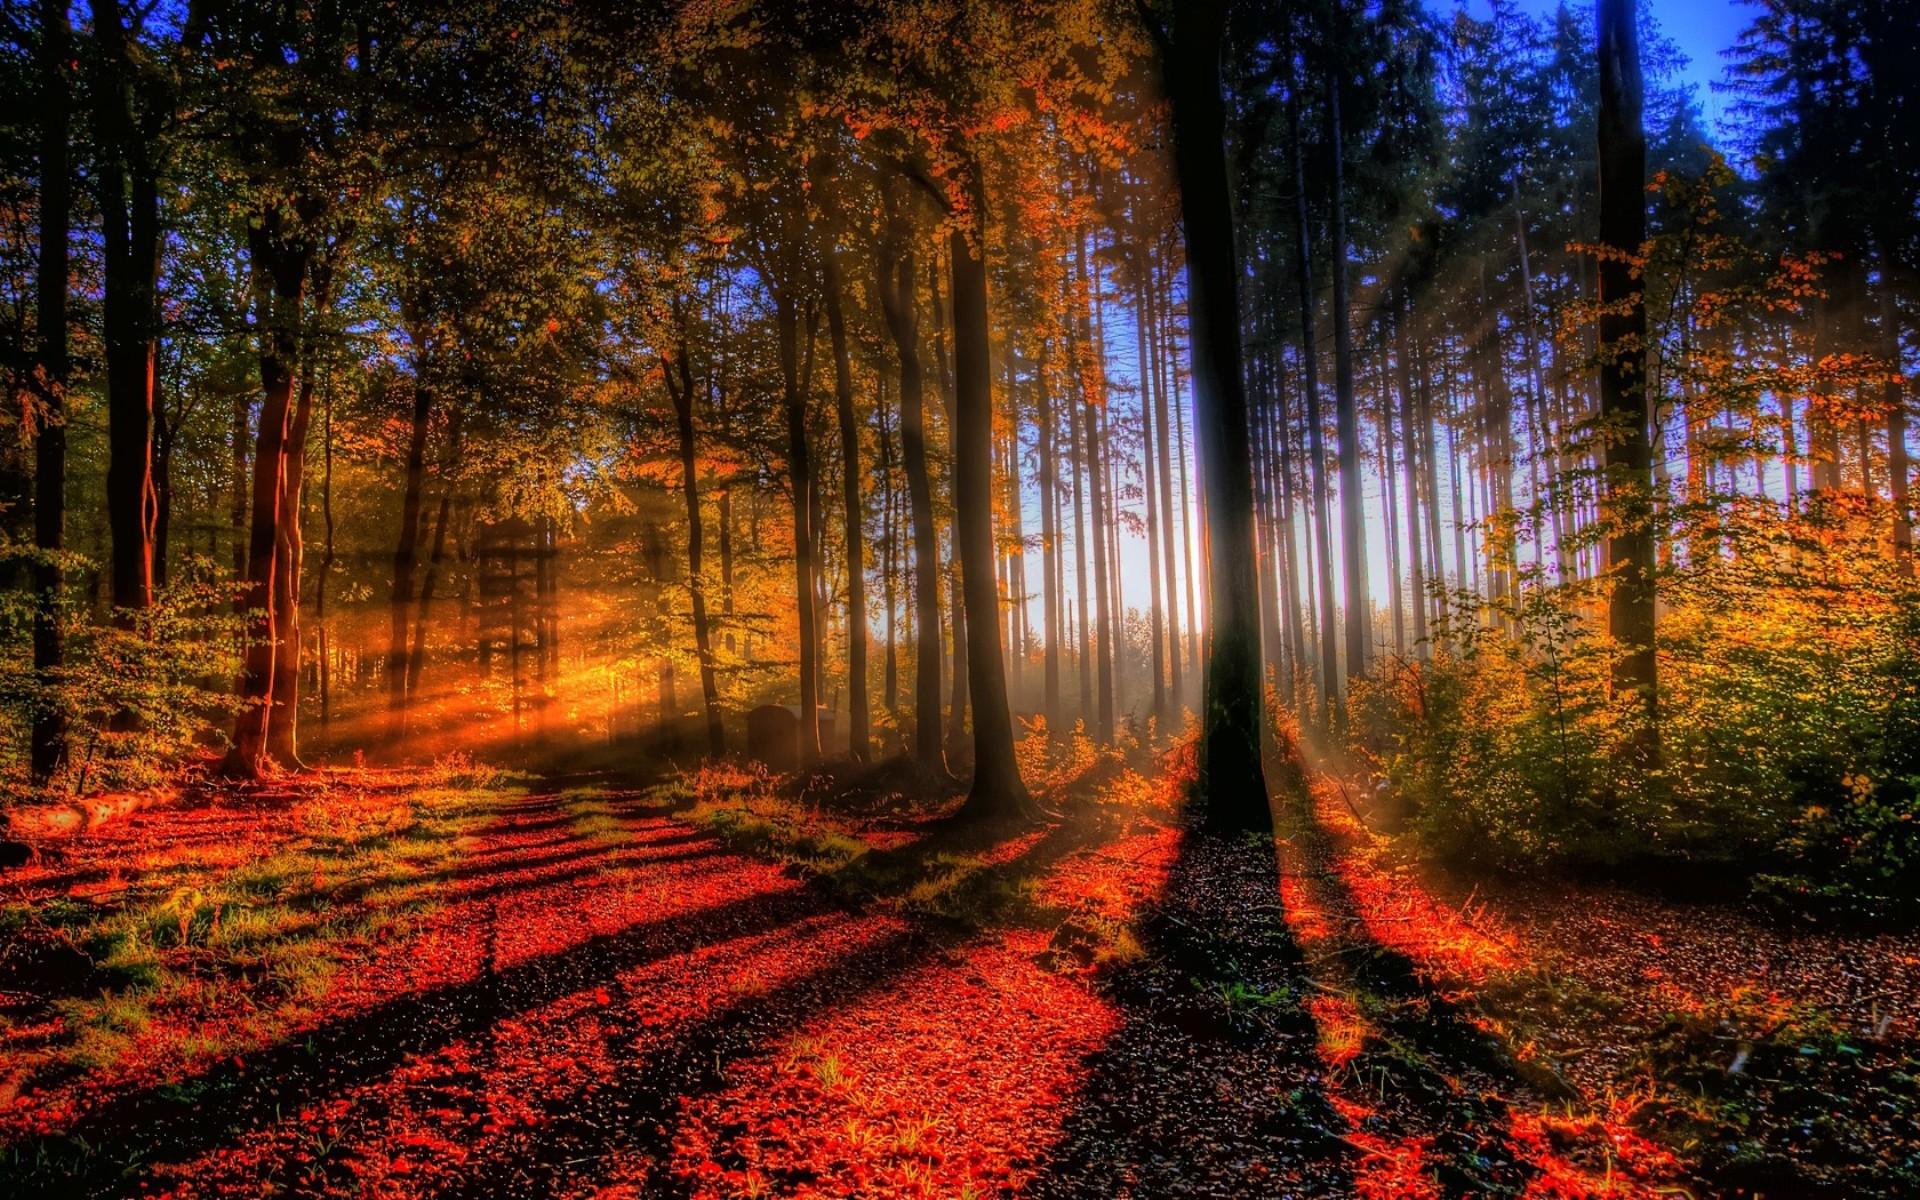 Картинка Лучи солнца в осееннем лесу » Осень » Природа ...